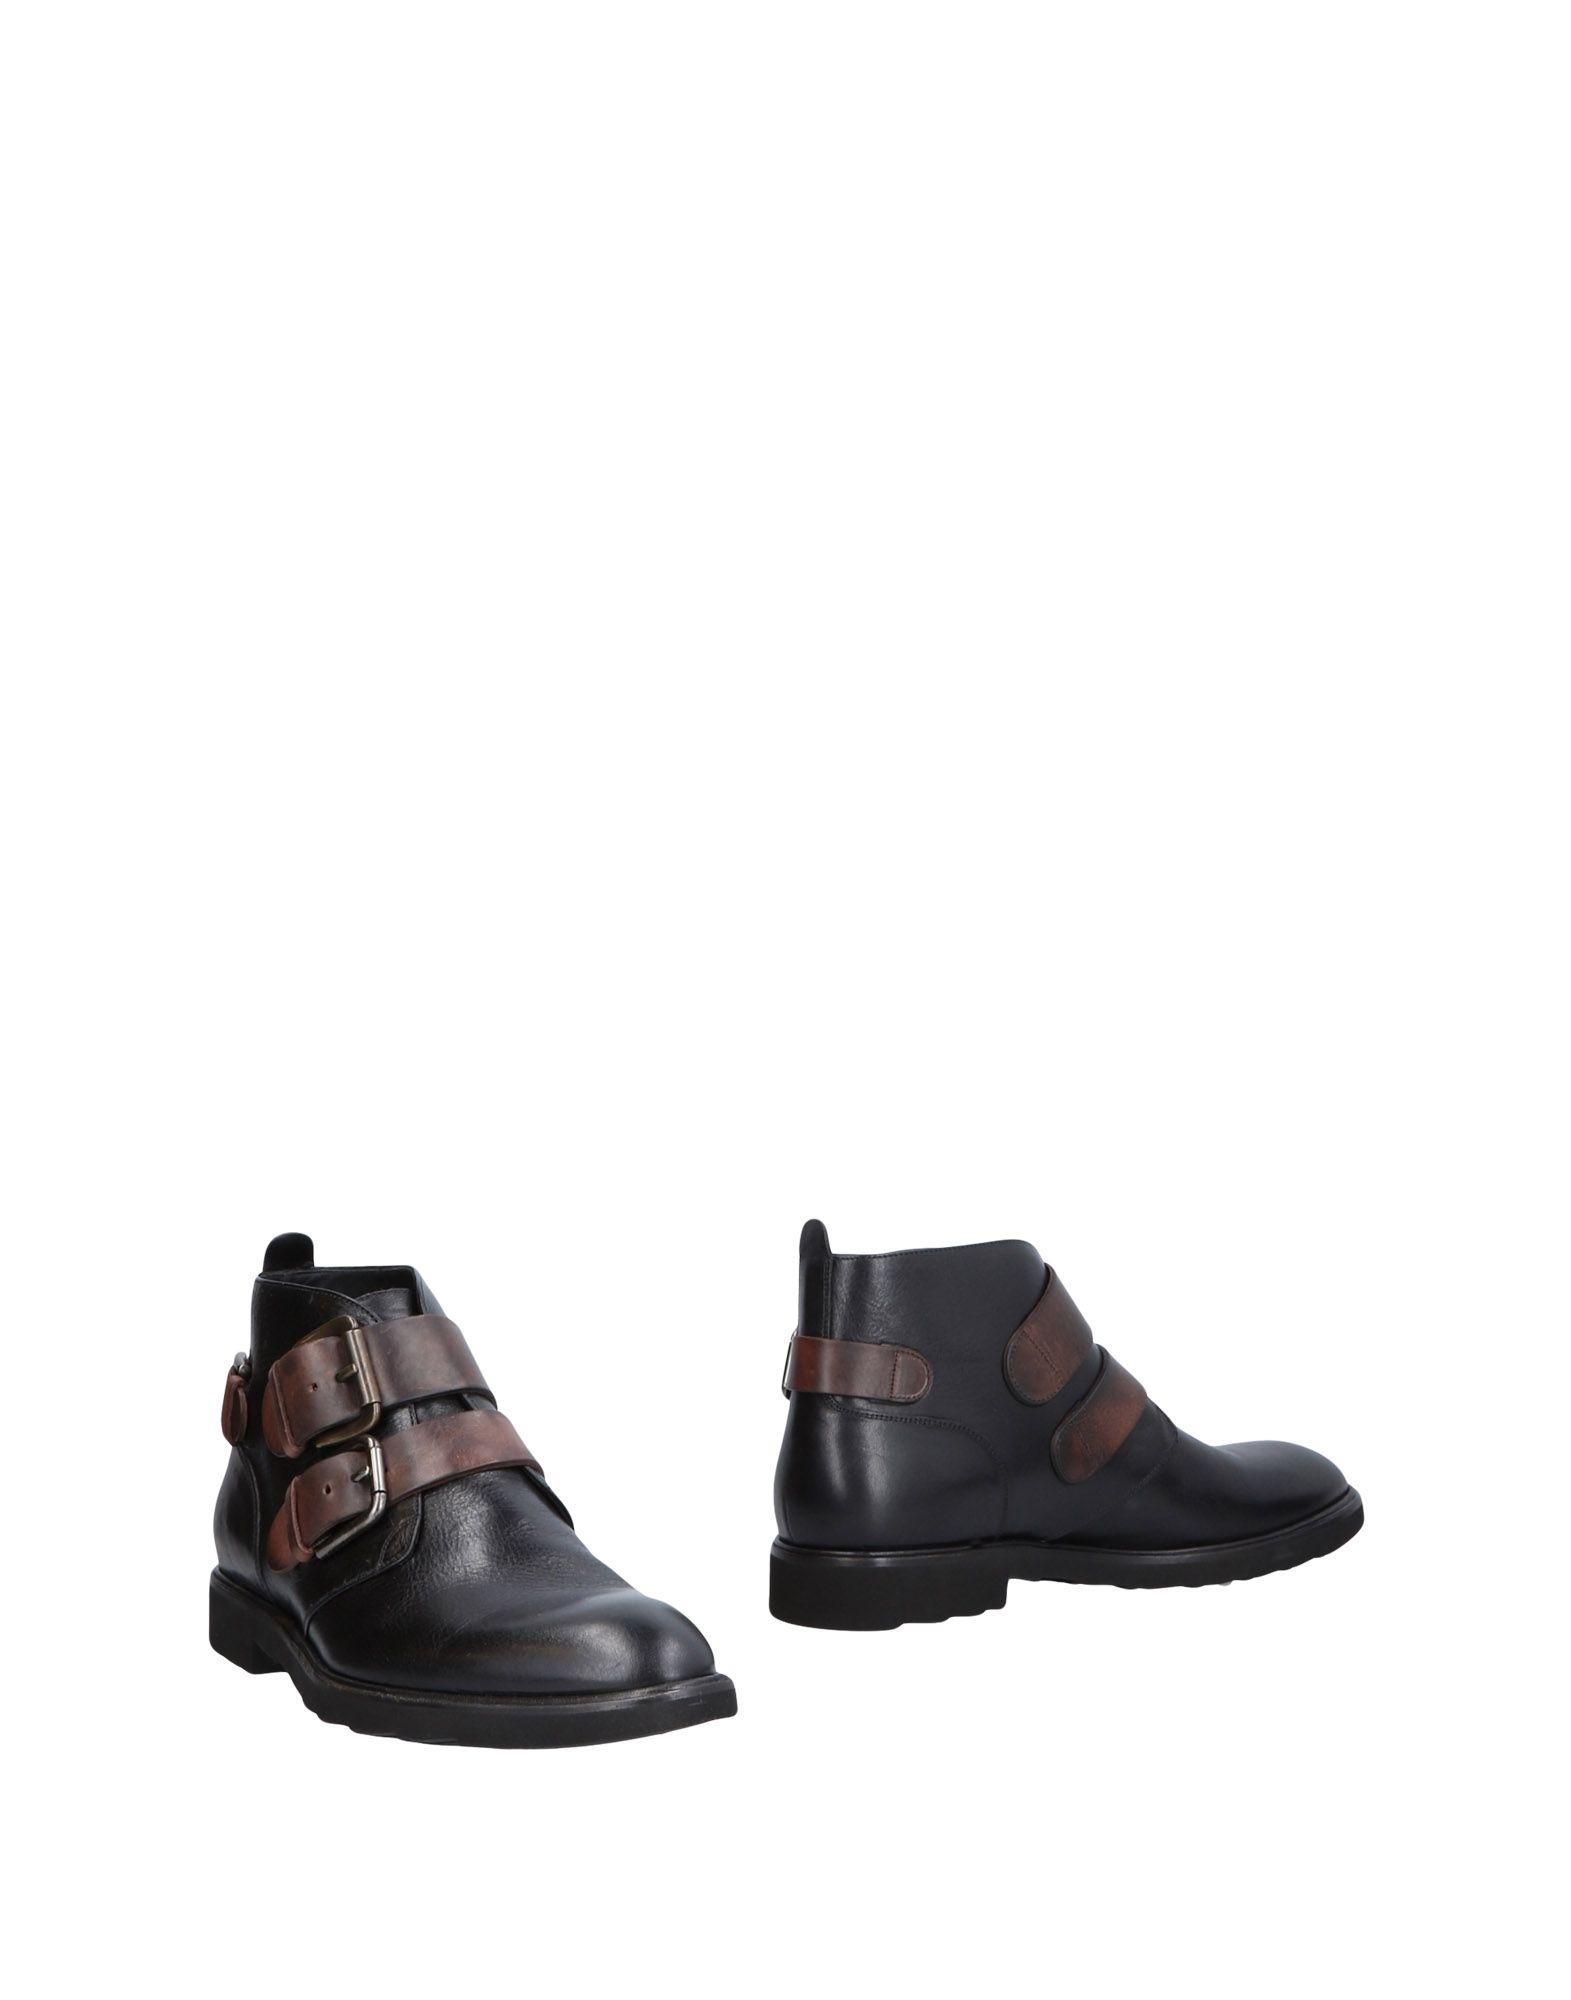 Dolce & Gabbana Stiefelette Herren  Schuhe 11459758LV Gute Qualität beliebte Schuhe  df5b3c